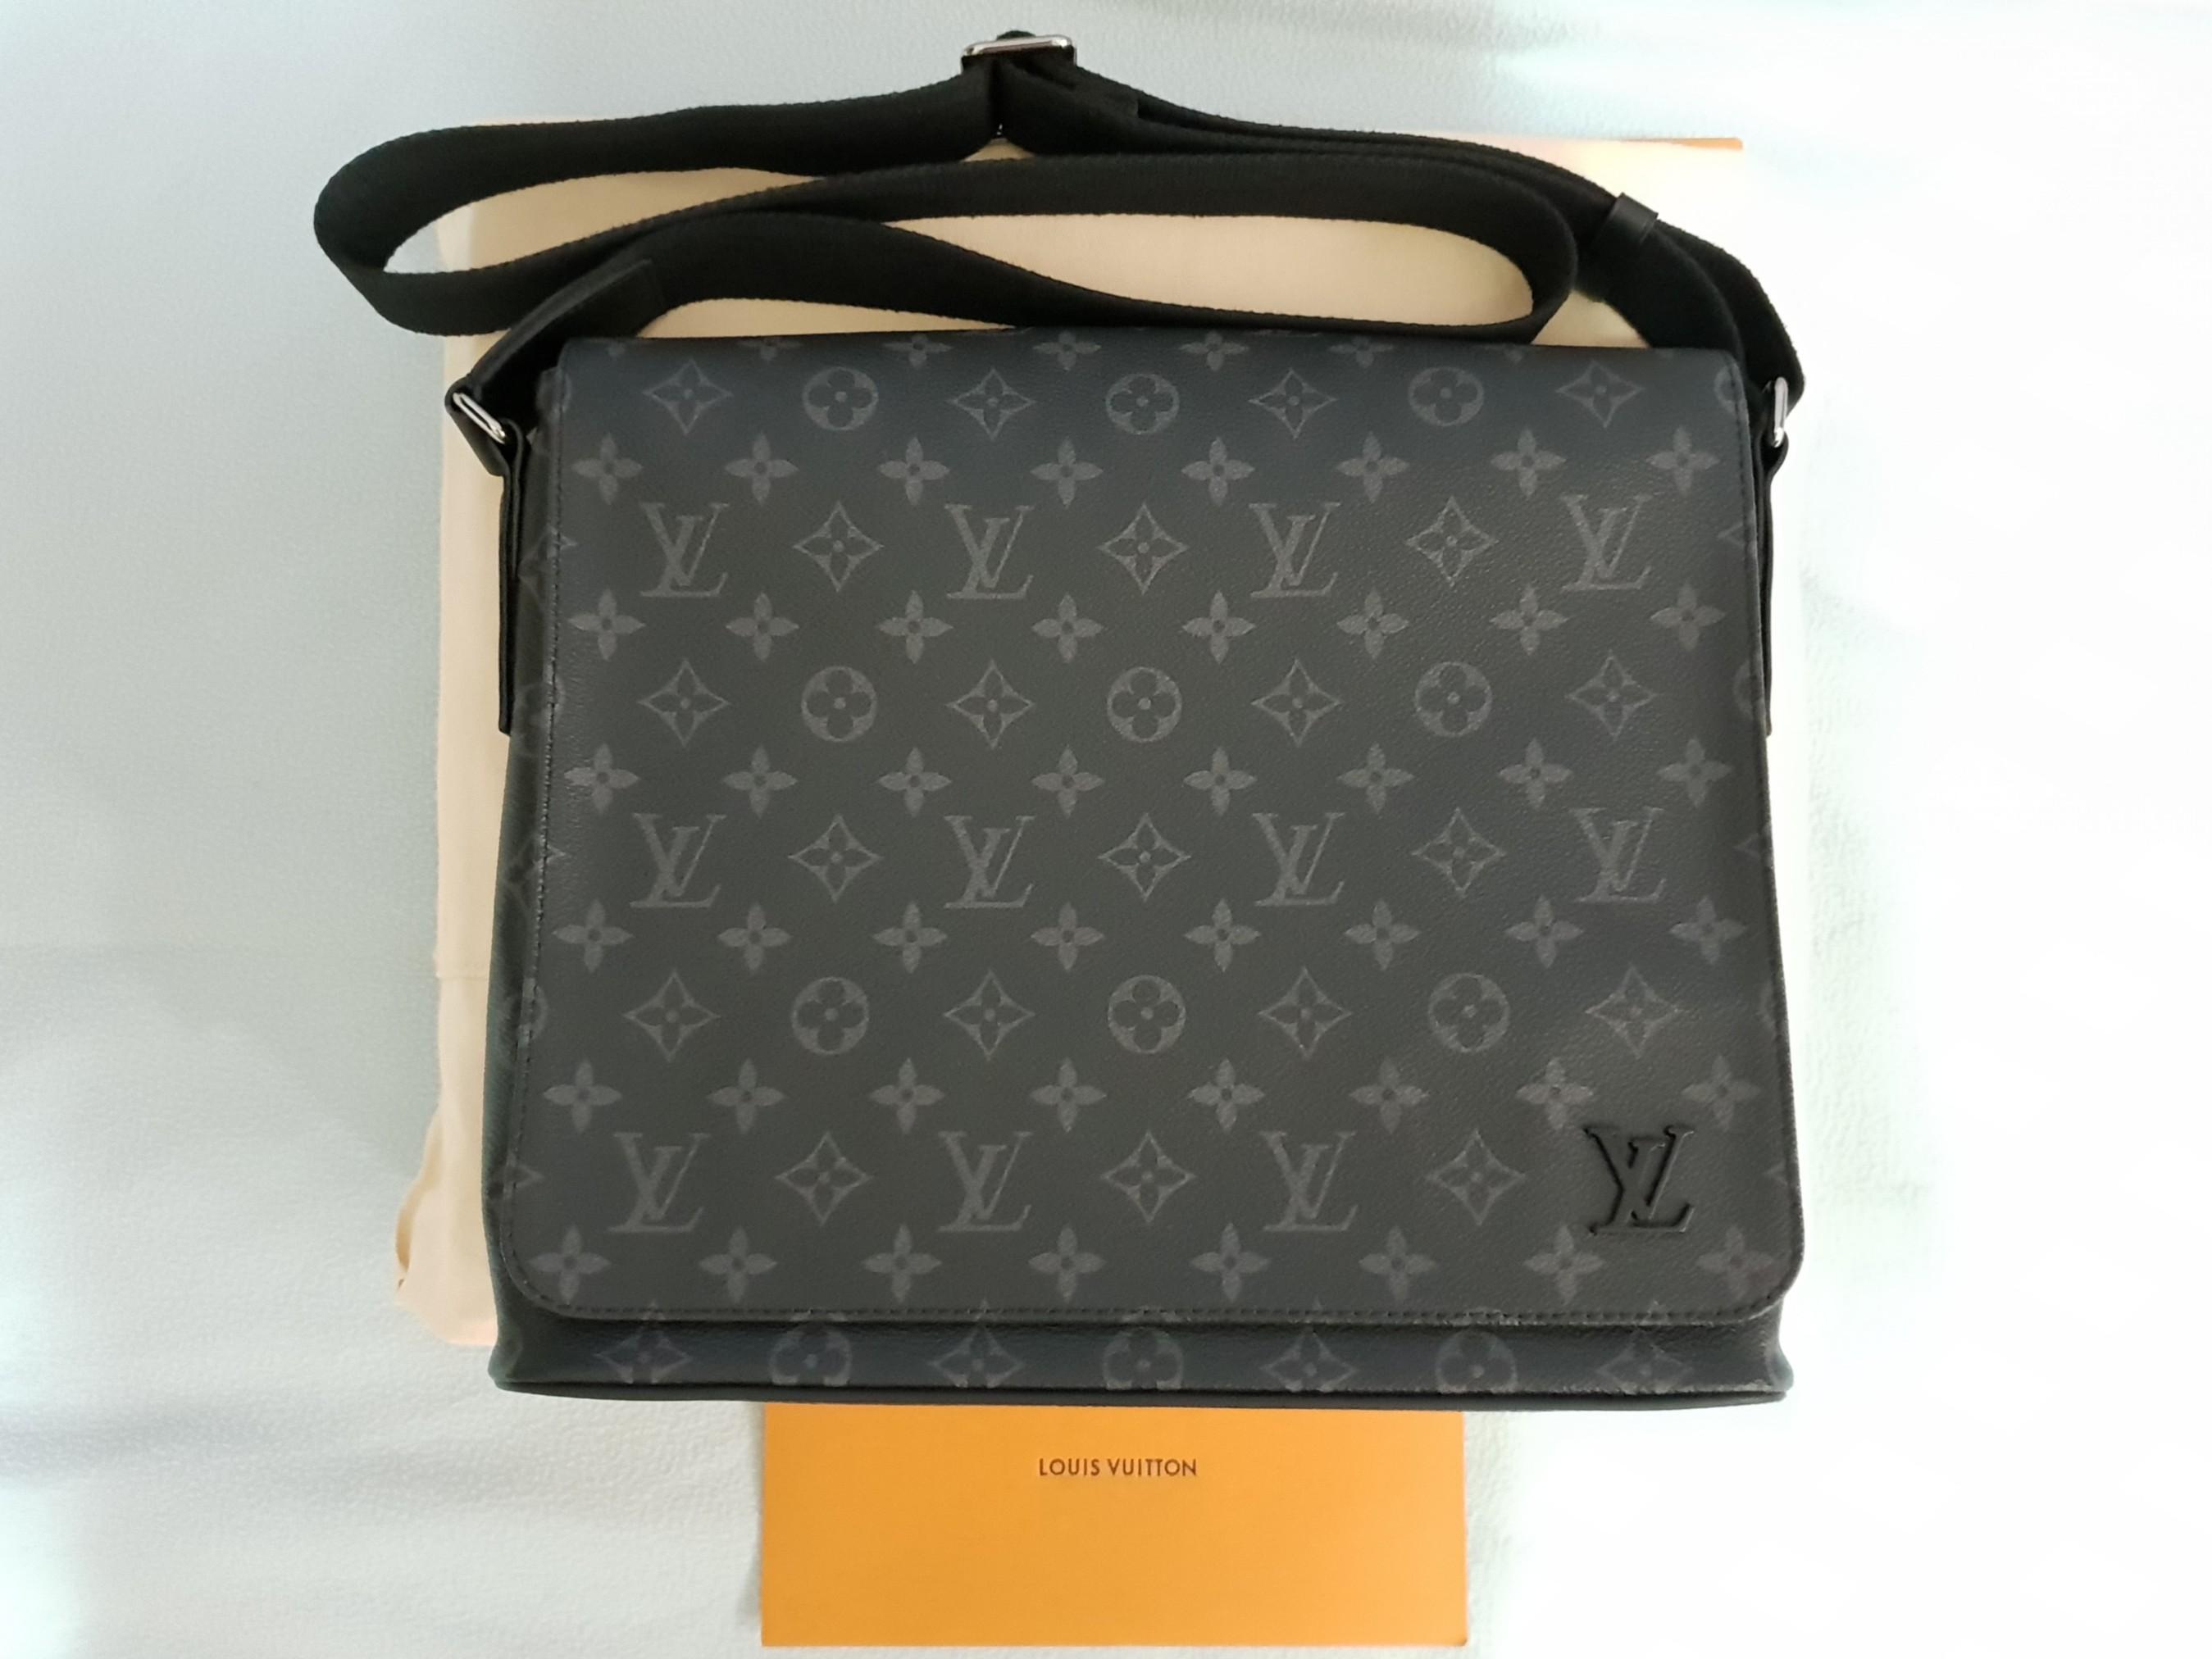 62a50372d65a Louis Vuitton DISTRICT MM M44001